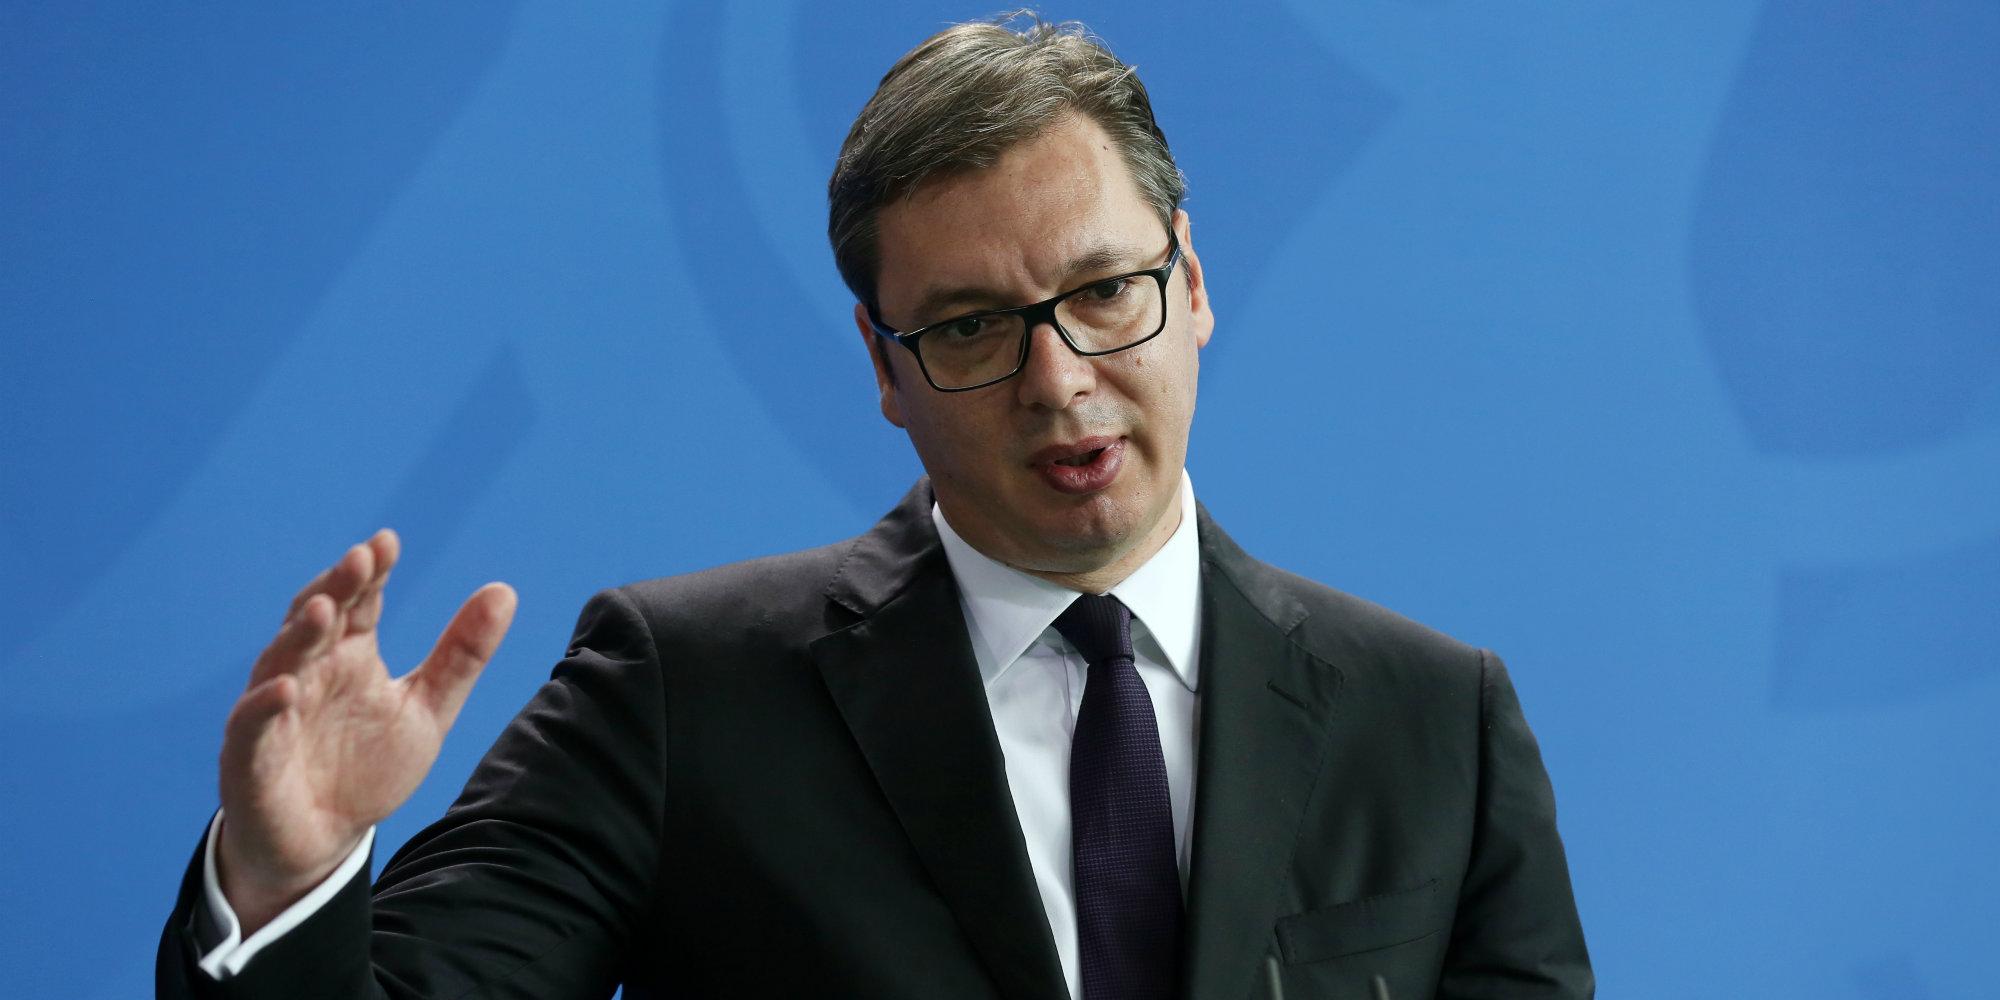 Vucic: «Δεν εμπιστευόμαστε πλέον το ΝΑΤΟ στο Κόσσοβο».